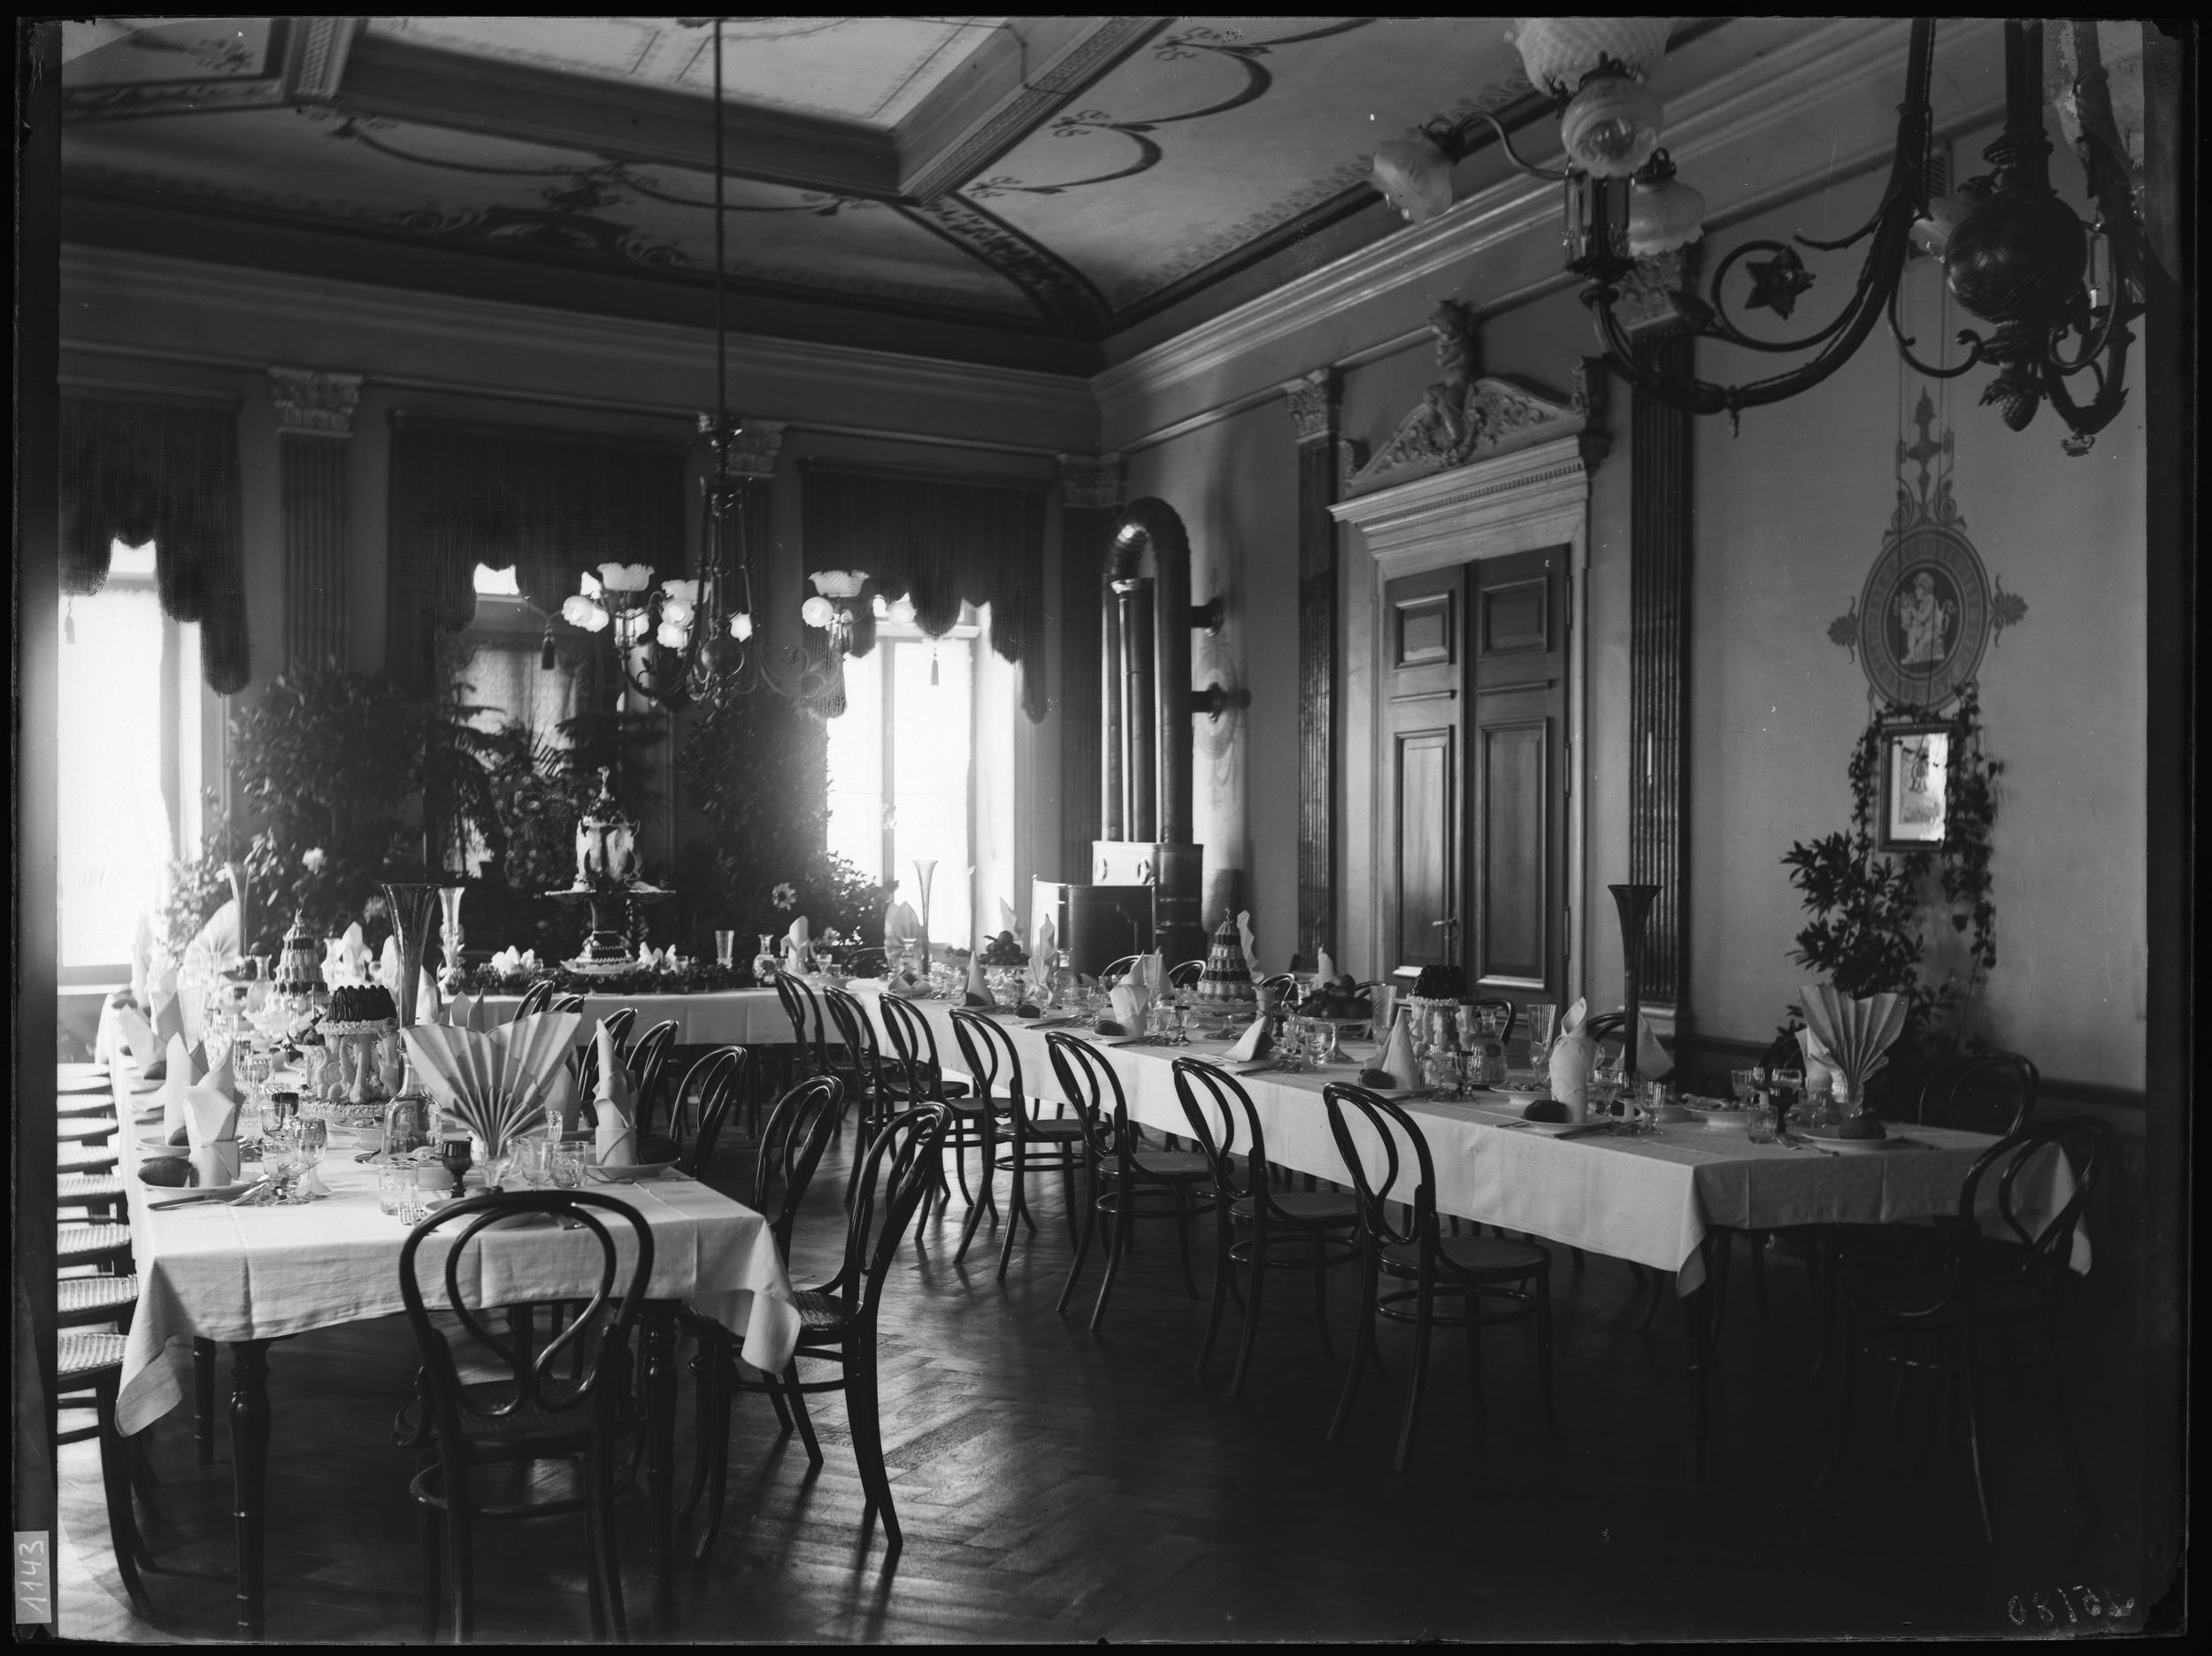 Der Speisesaal mit Bankettdekoration, um 1900; Historisches Museum Baden, Fotohaus Zipser, Q.12.1.1143, CC-BY-SA-4.0.